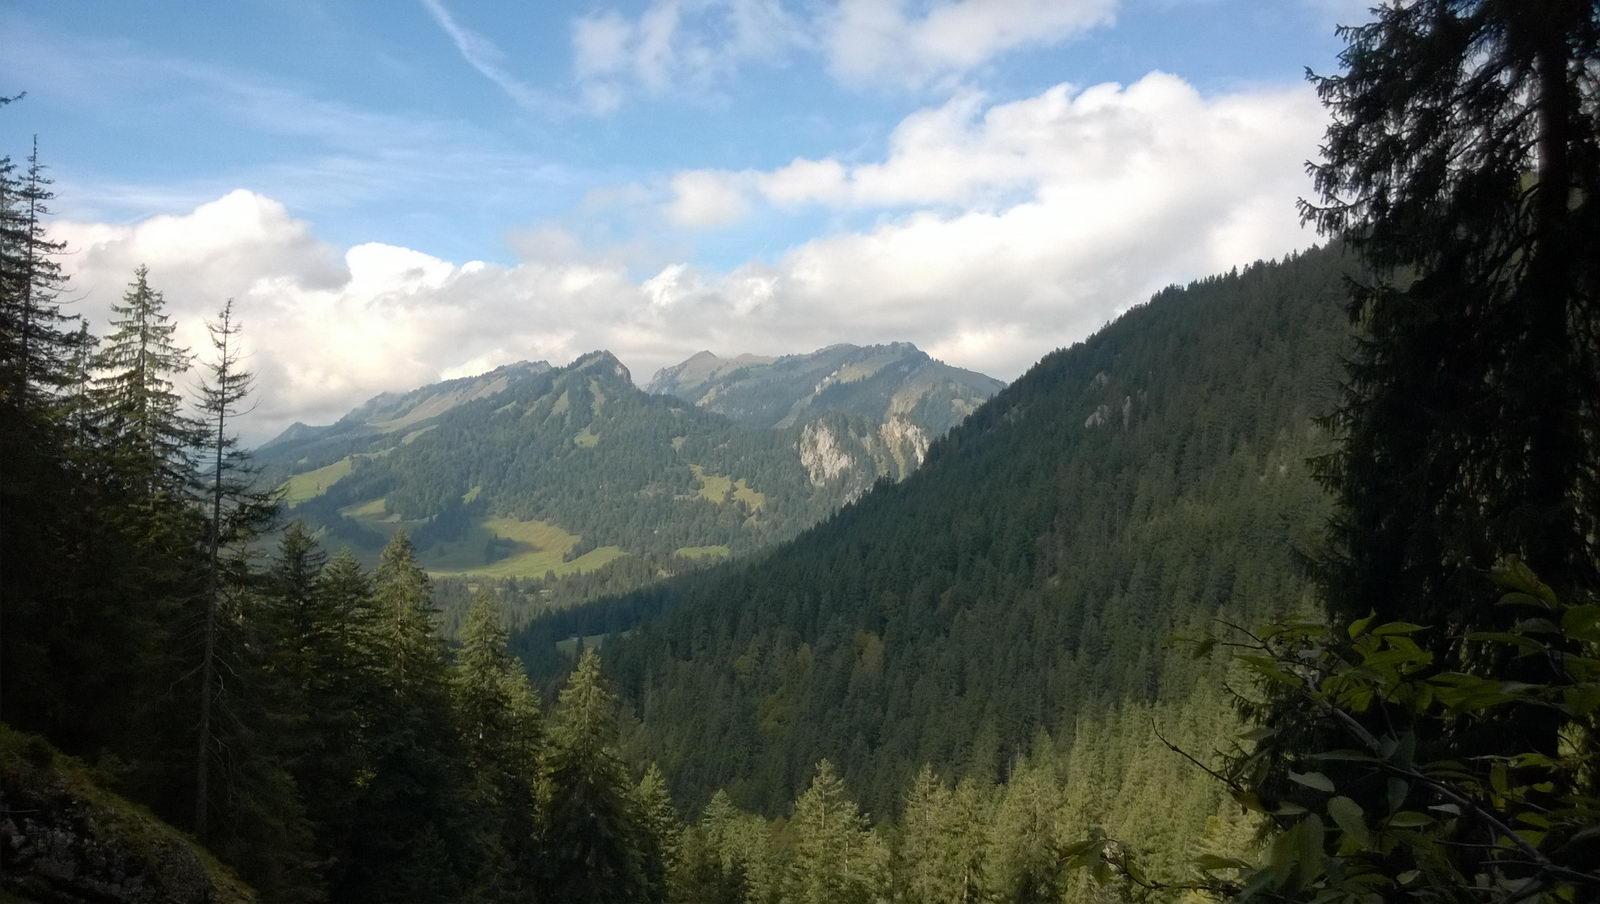 Ausblick vom Eingang der Schneckenloch-Höhle über das Tal